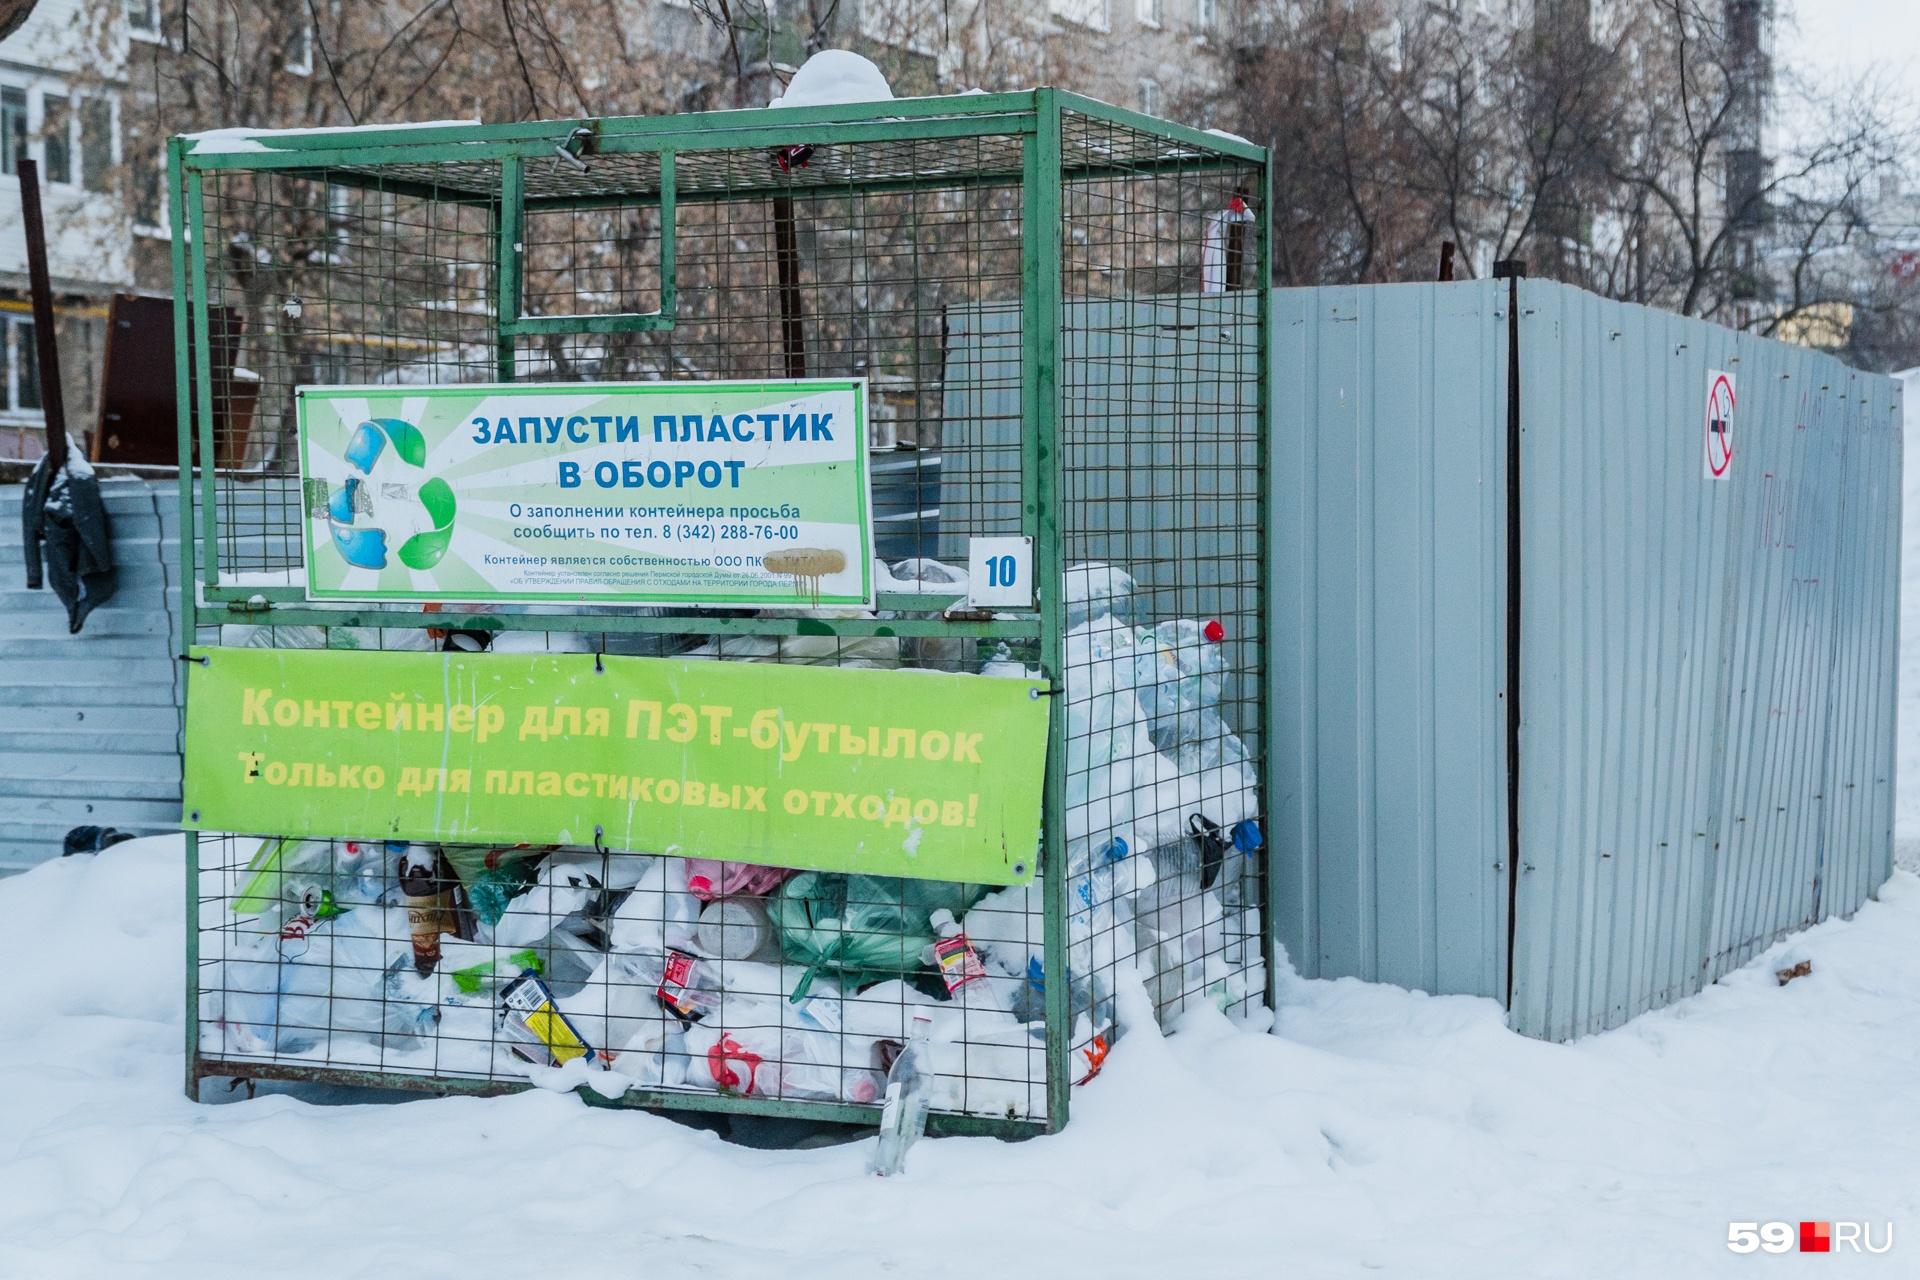 Раздельный сбор мусора в Прикамье власти в этом году даже не обещают. Всё, что есть сейчас, частная инициатива